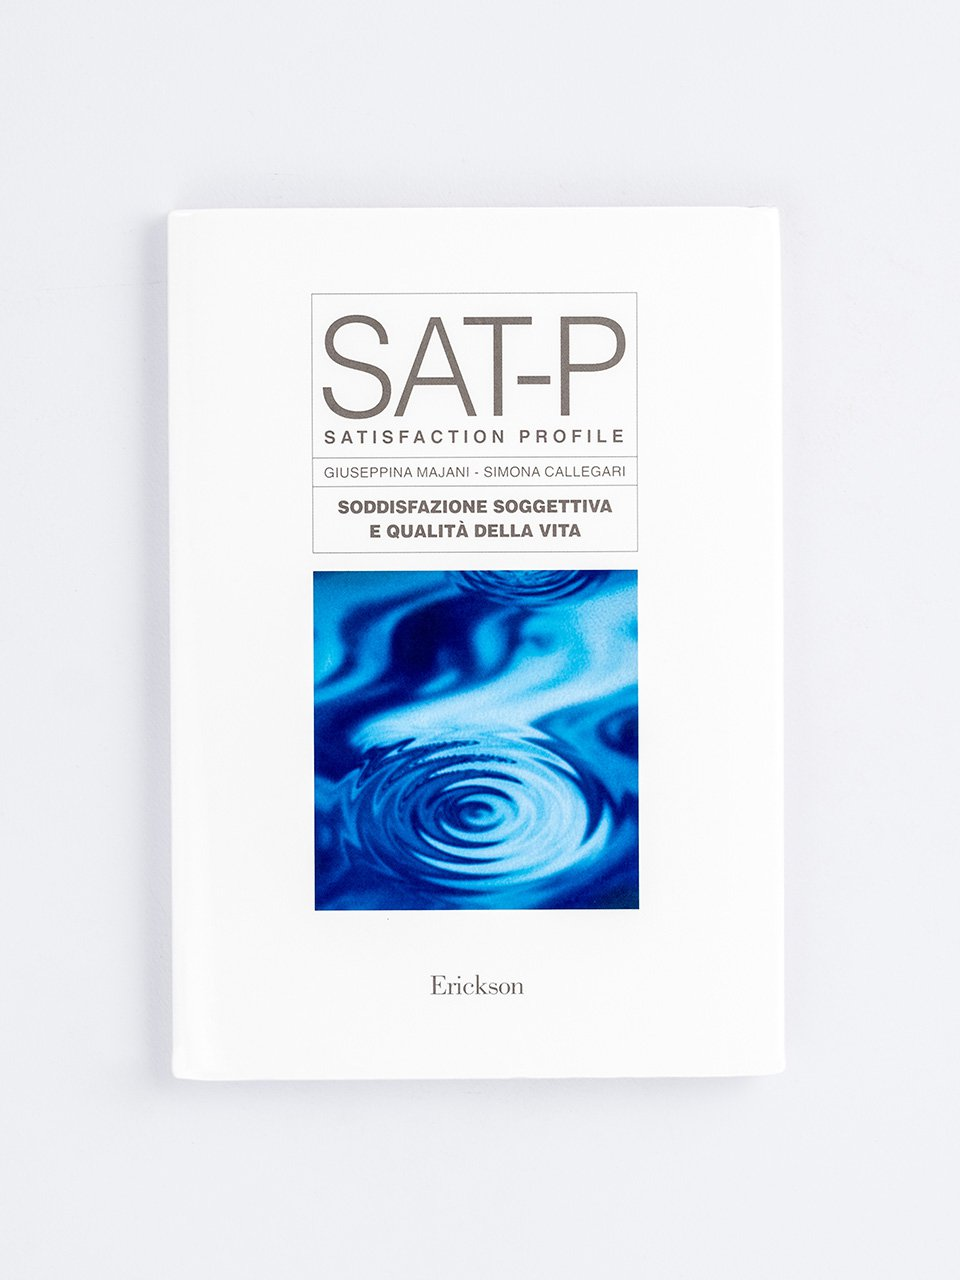 Test SAT-P - Soddisfazione soggettiva e qualità della vita - Psicologia clinica / Psicoterapia - Erickson